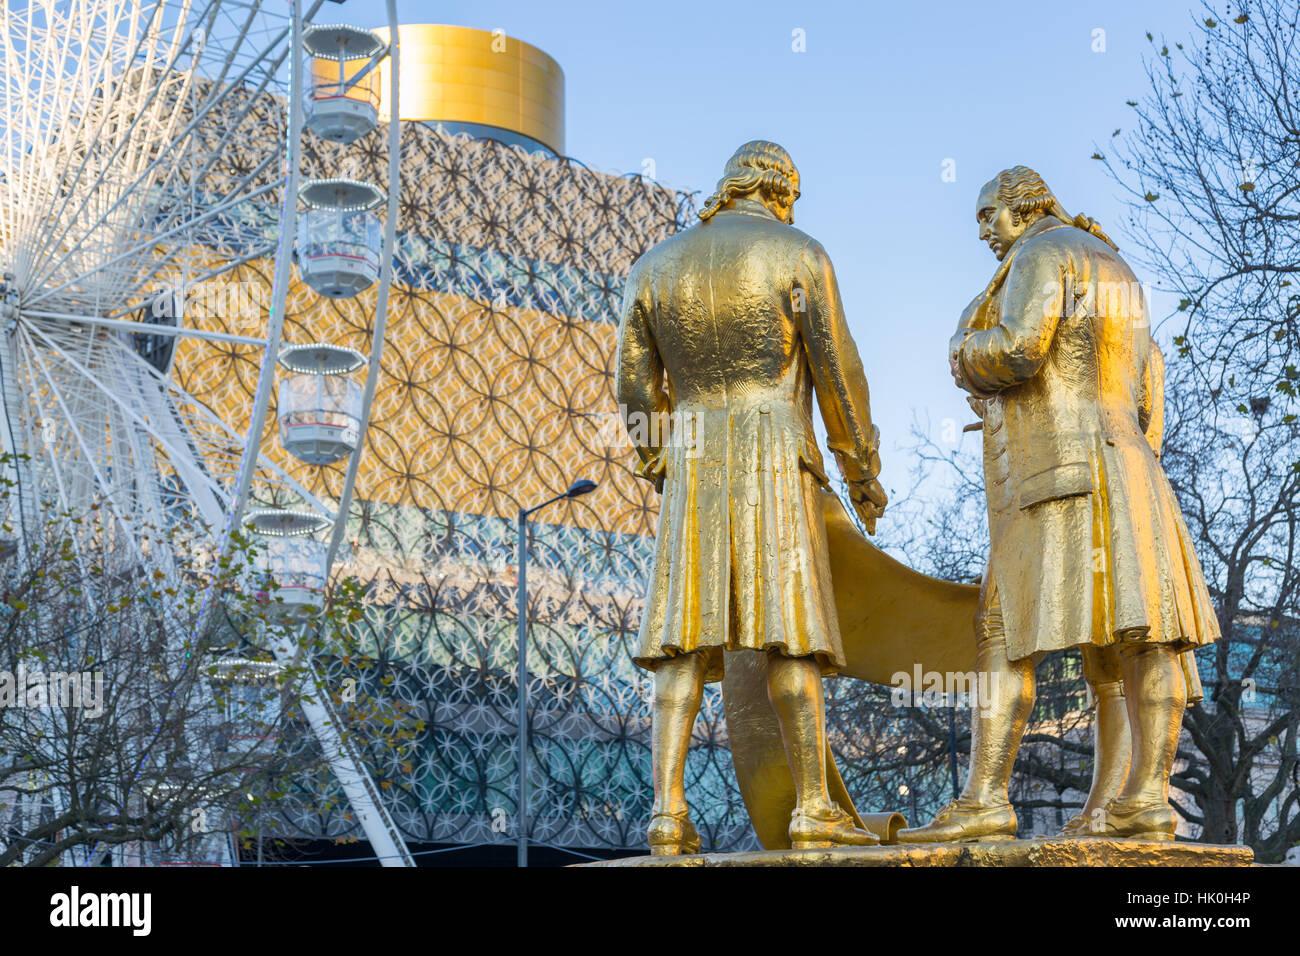 Boulton, Murdoch und Watt Statue und Public Library Birmingham, West Midlands, England, Vereinigtes Königreich Stockbild